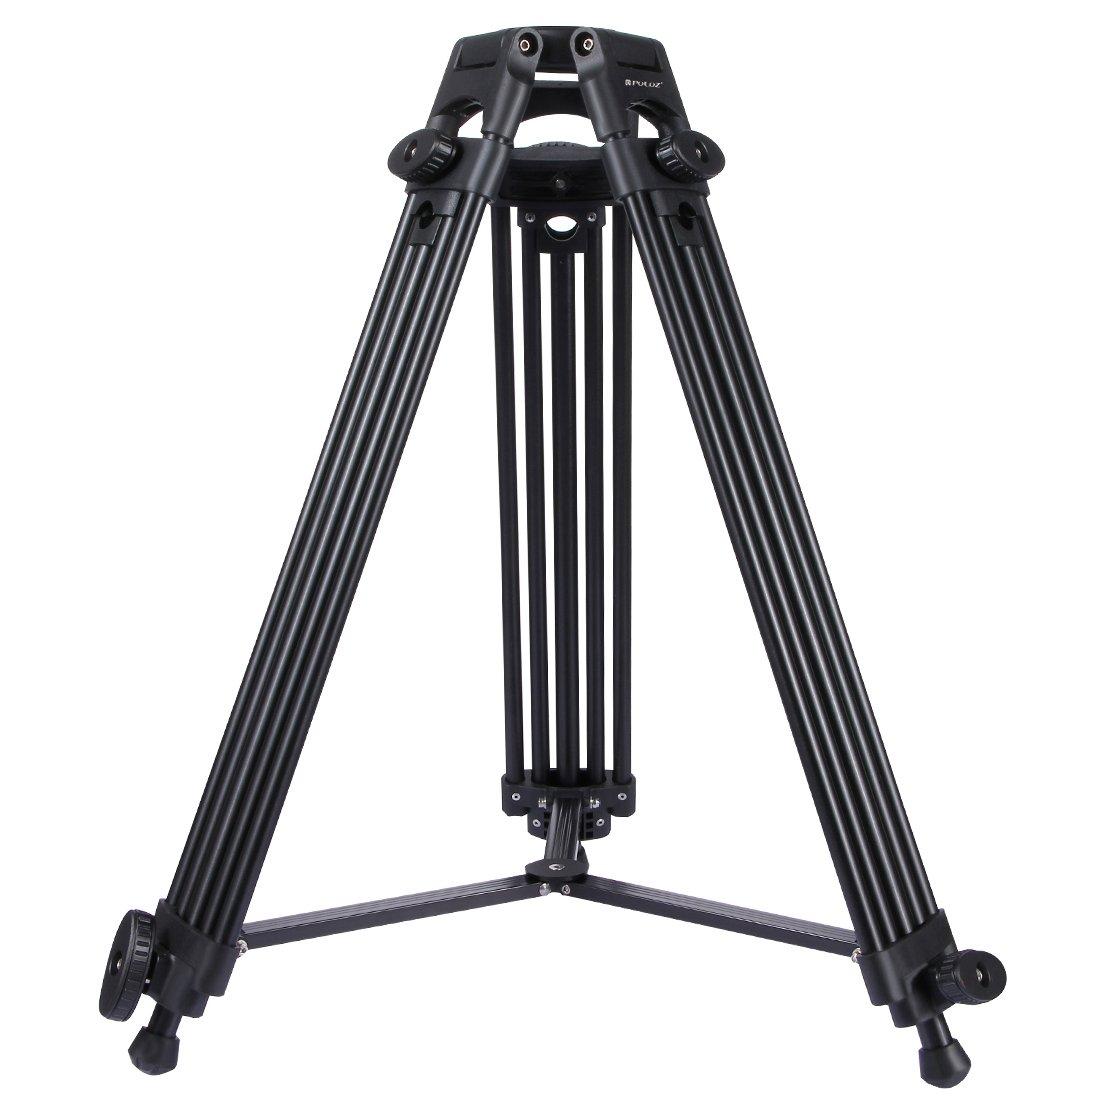 人気定番 KANEED カメラアクセサリー PULUZプロフェッショナルヘビーデューティビデオカメラアルミニウム合金三脚、DSLR 三脚、一脚/SLRカメラ用、調節可能な高さ:62-140cm KANEED 三脚 B07PJ8N66H、一脚 B07PJ8N66H, システムファーム:a19c421f --- martinemoeykens.com